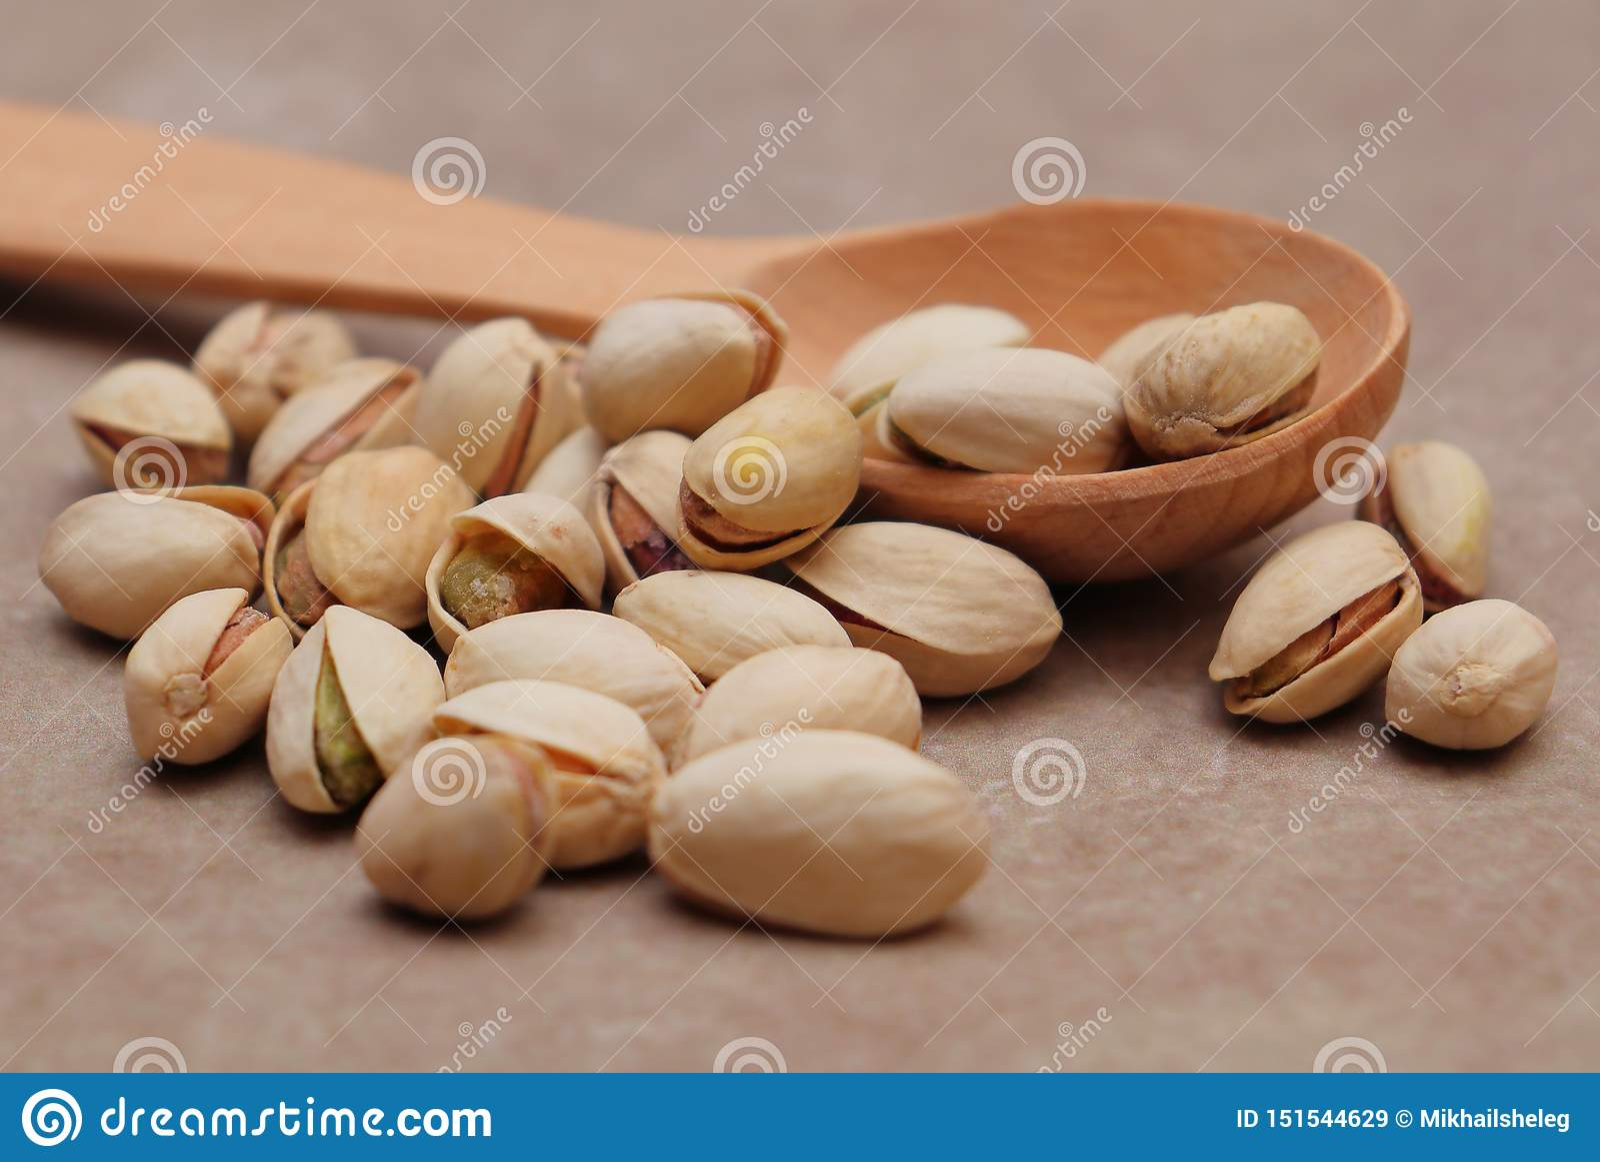 Καρύδια φυστικιών - ένα σύμβολο του πλούτου στην αρχαία Περσία